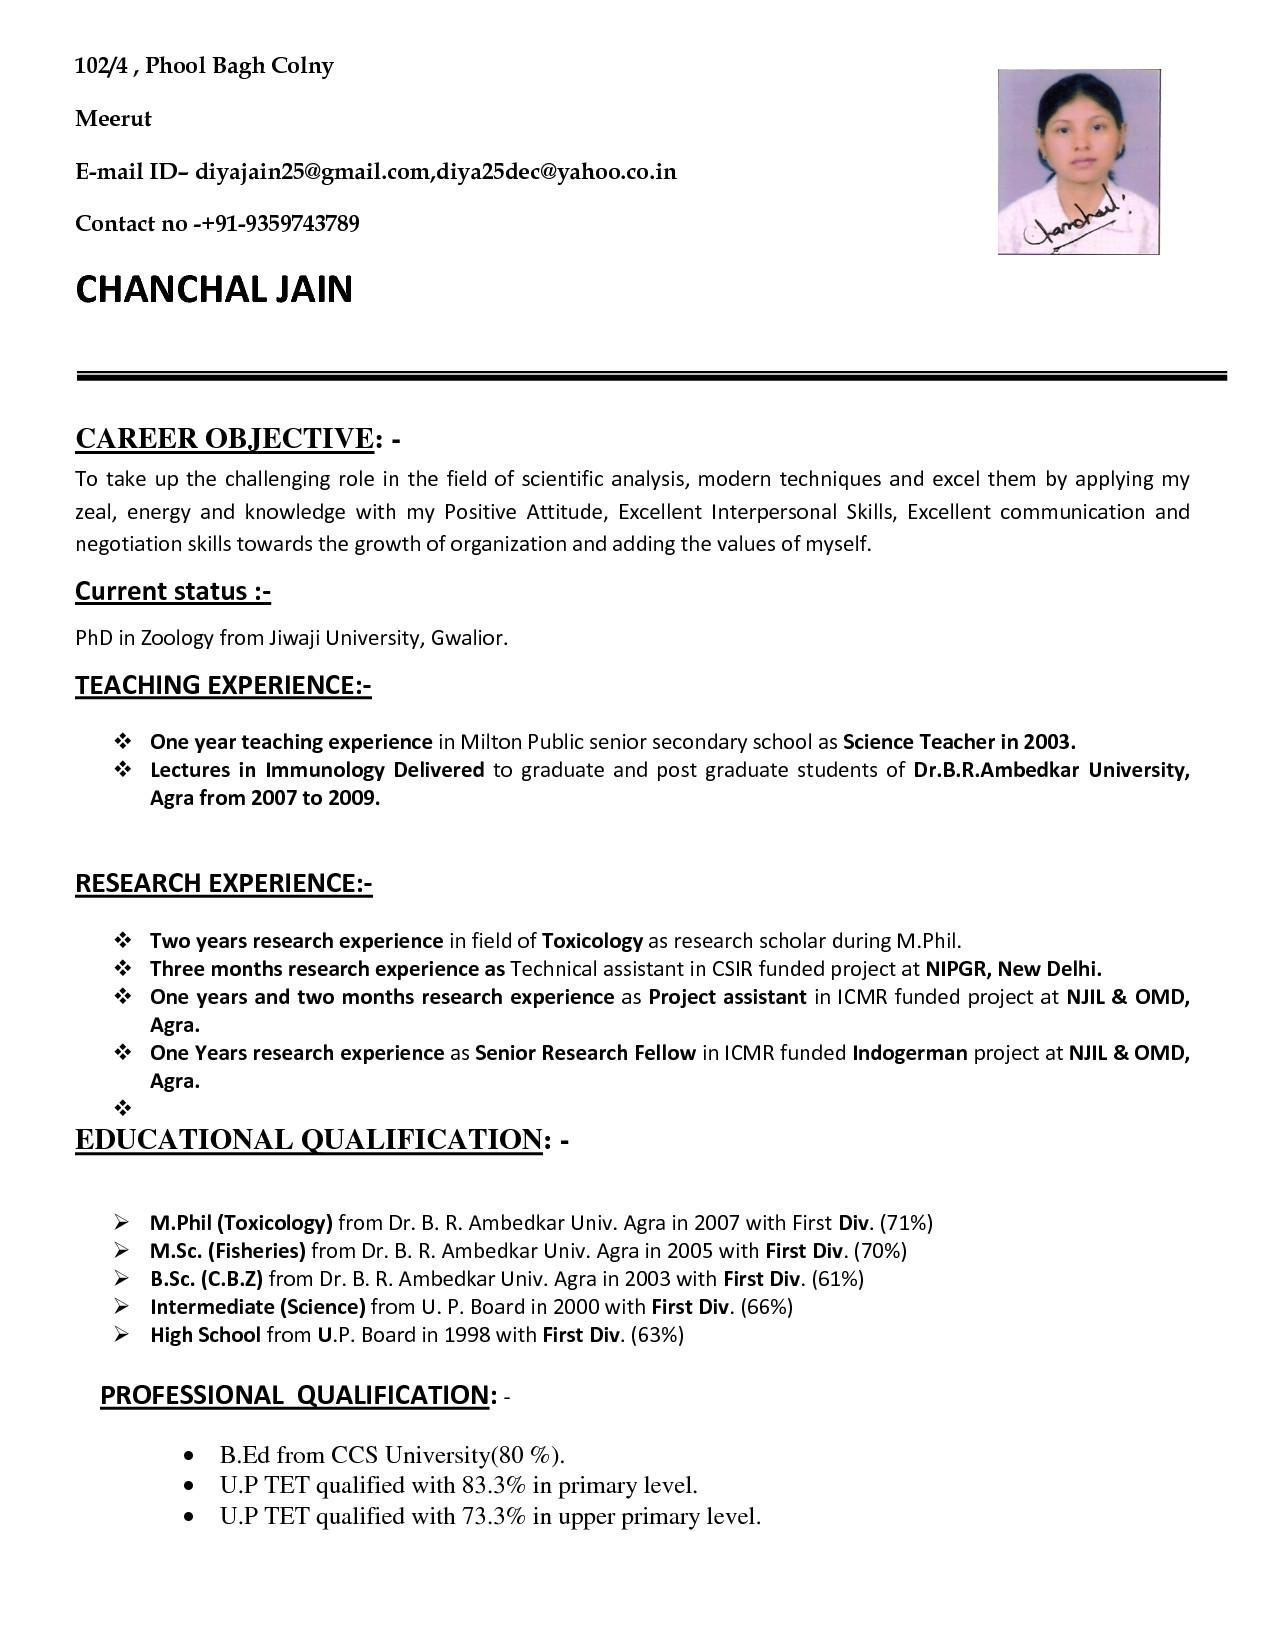 resume for teachers job application